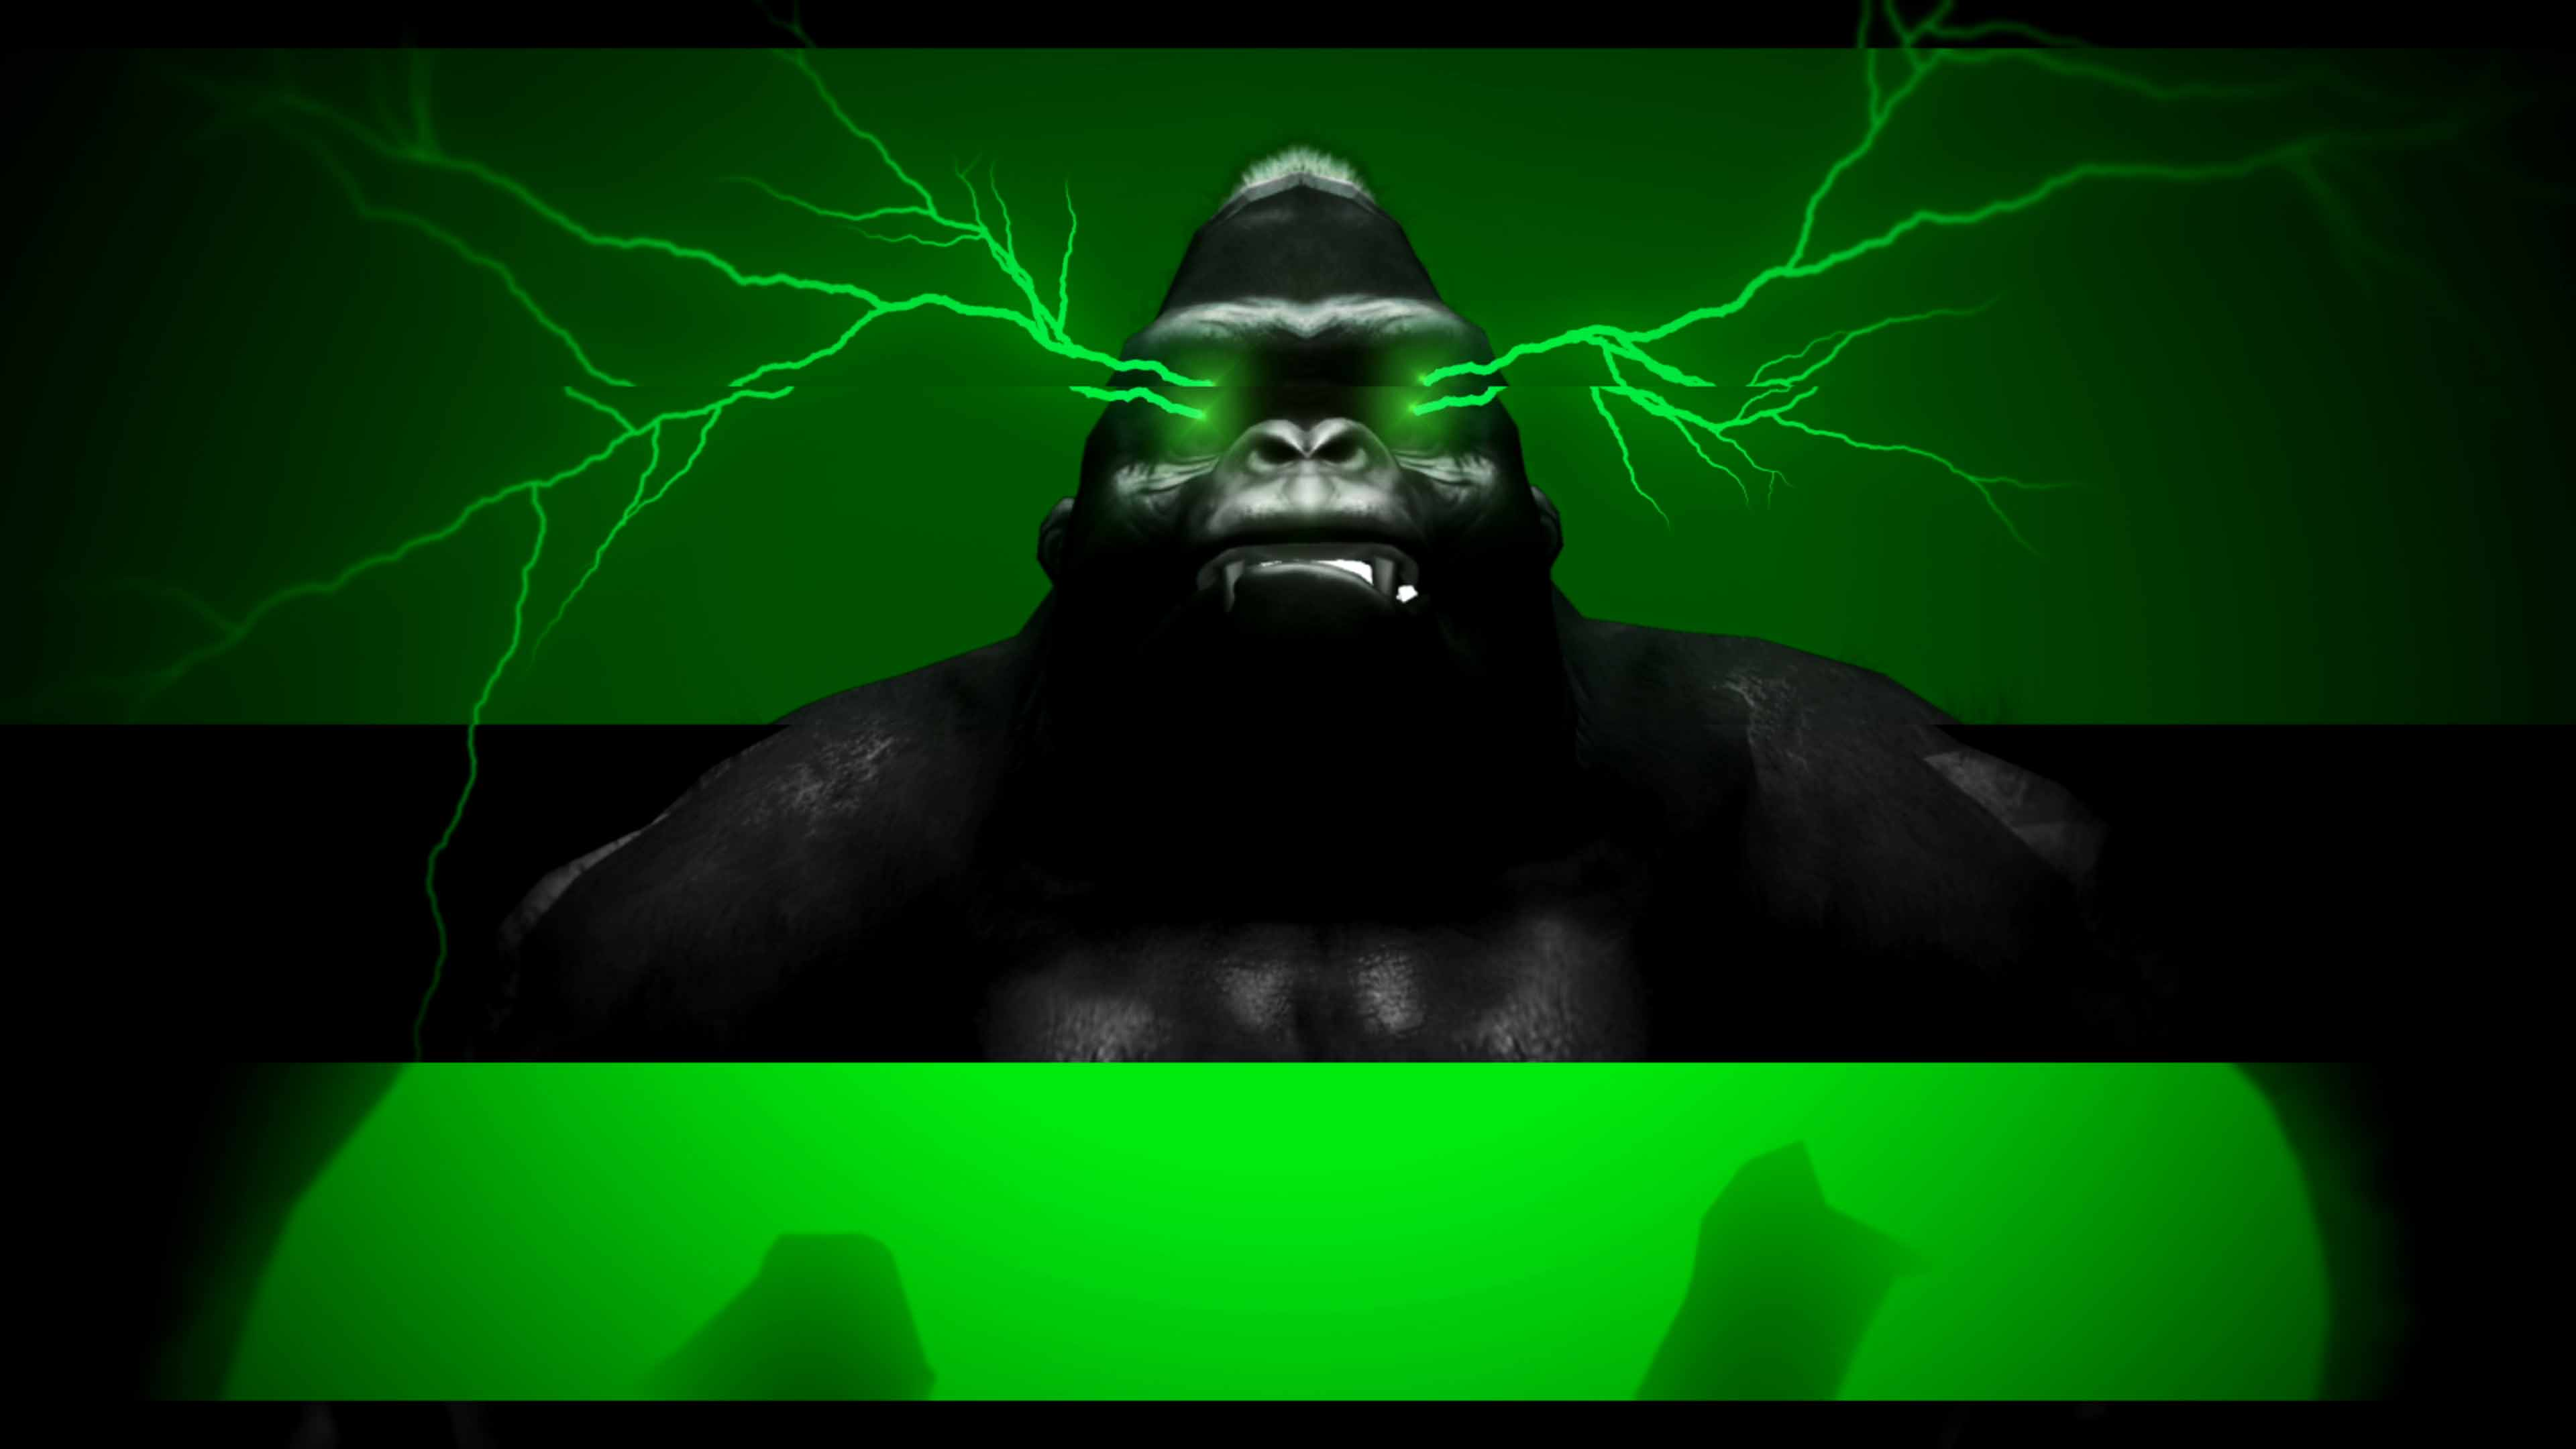 gorilla video wallpaper